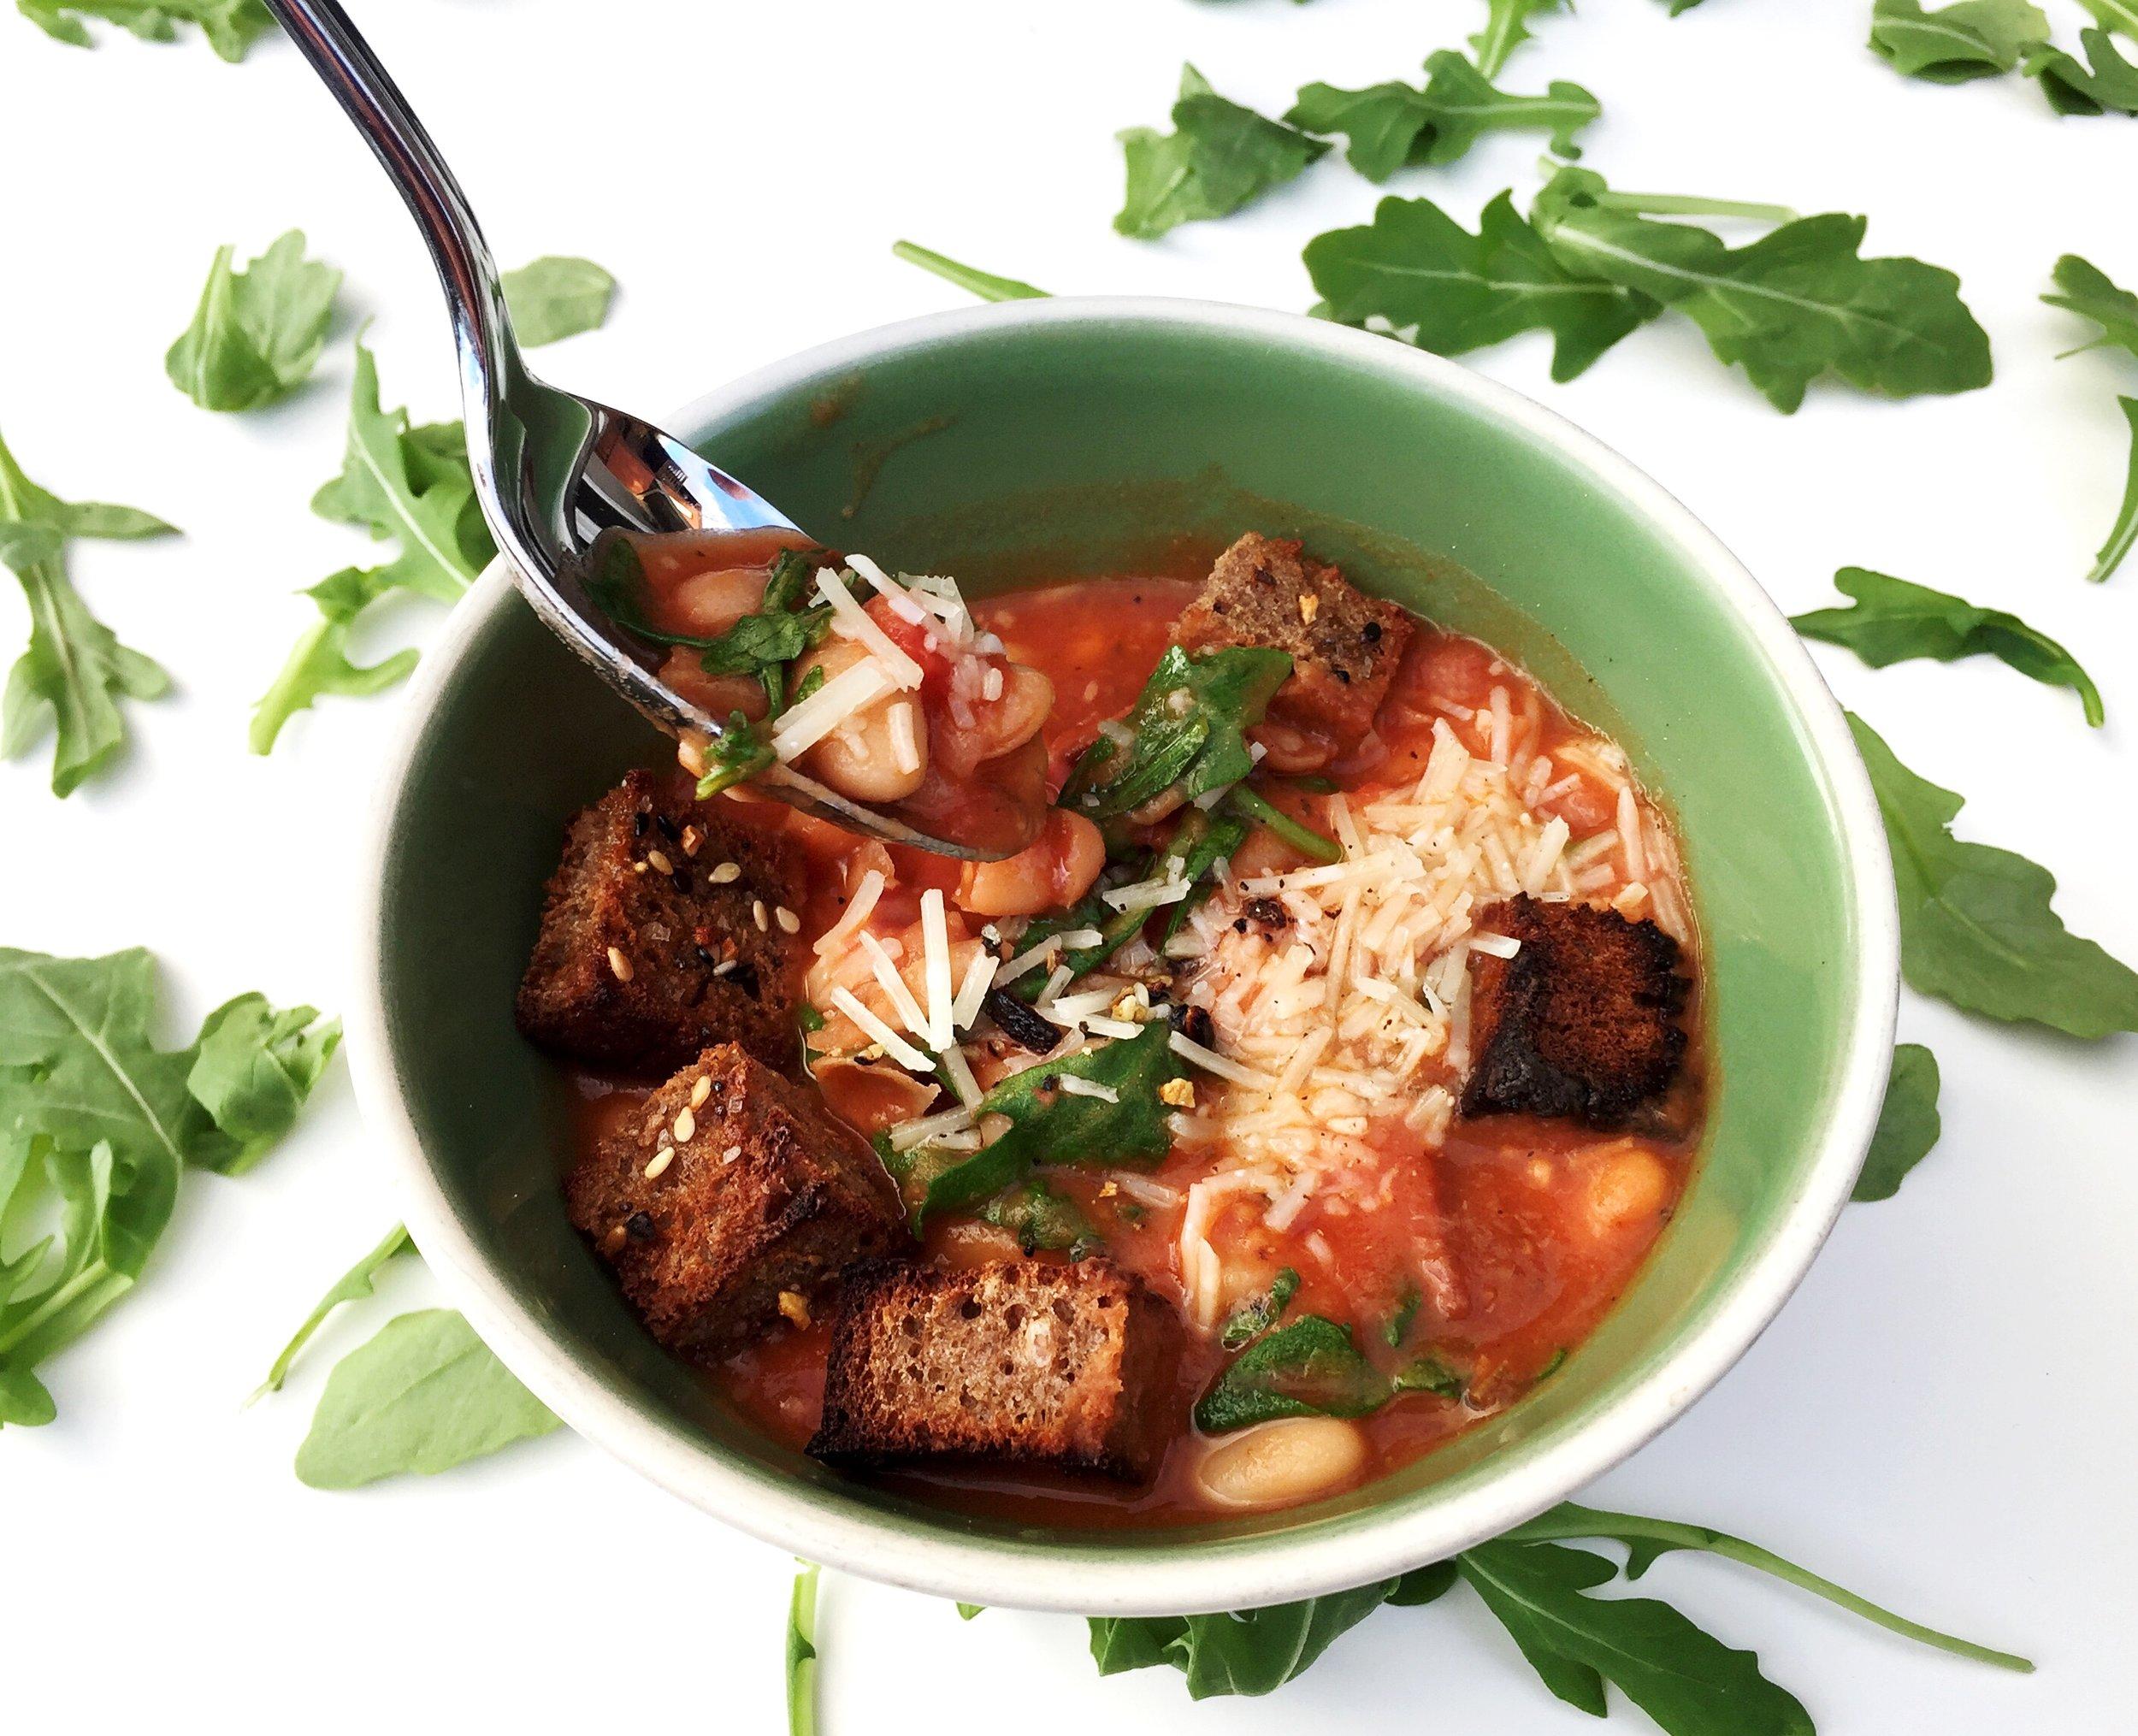 Top with parmesan & enjoy!